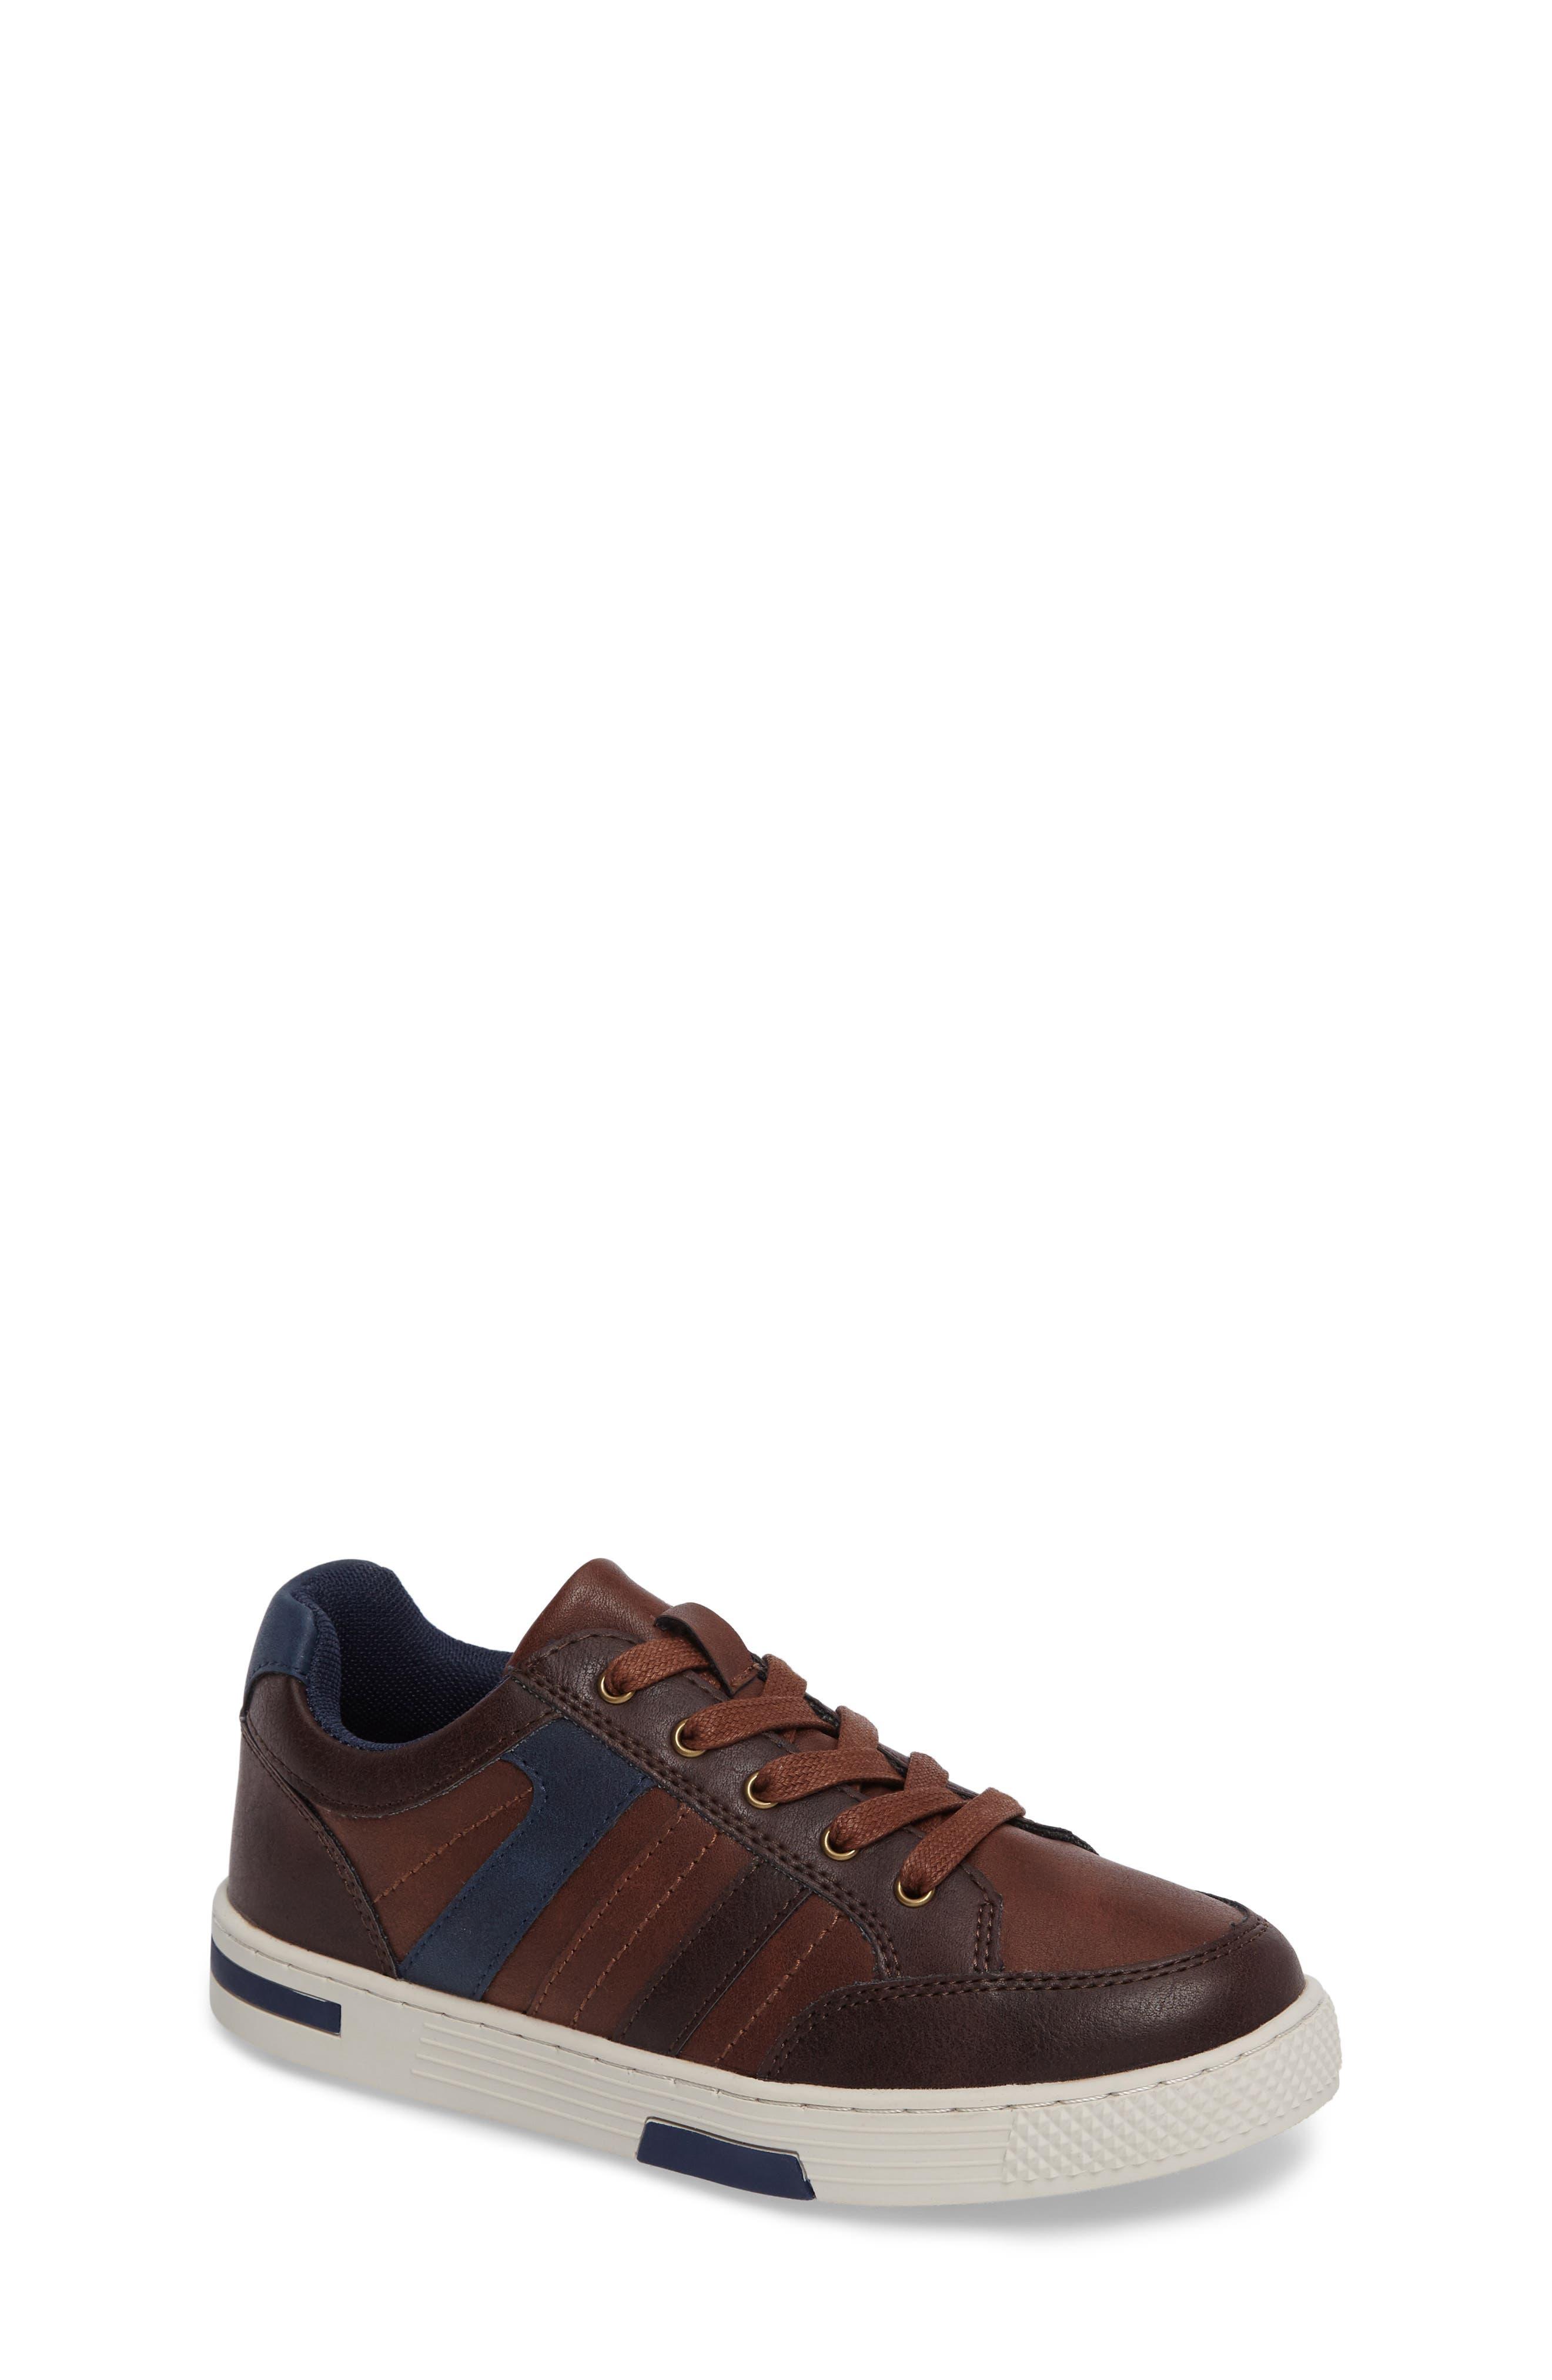 Trakk Sneaker,                             Main thumbnail 1, color,                             Brown Multi